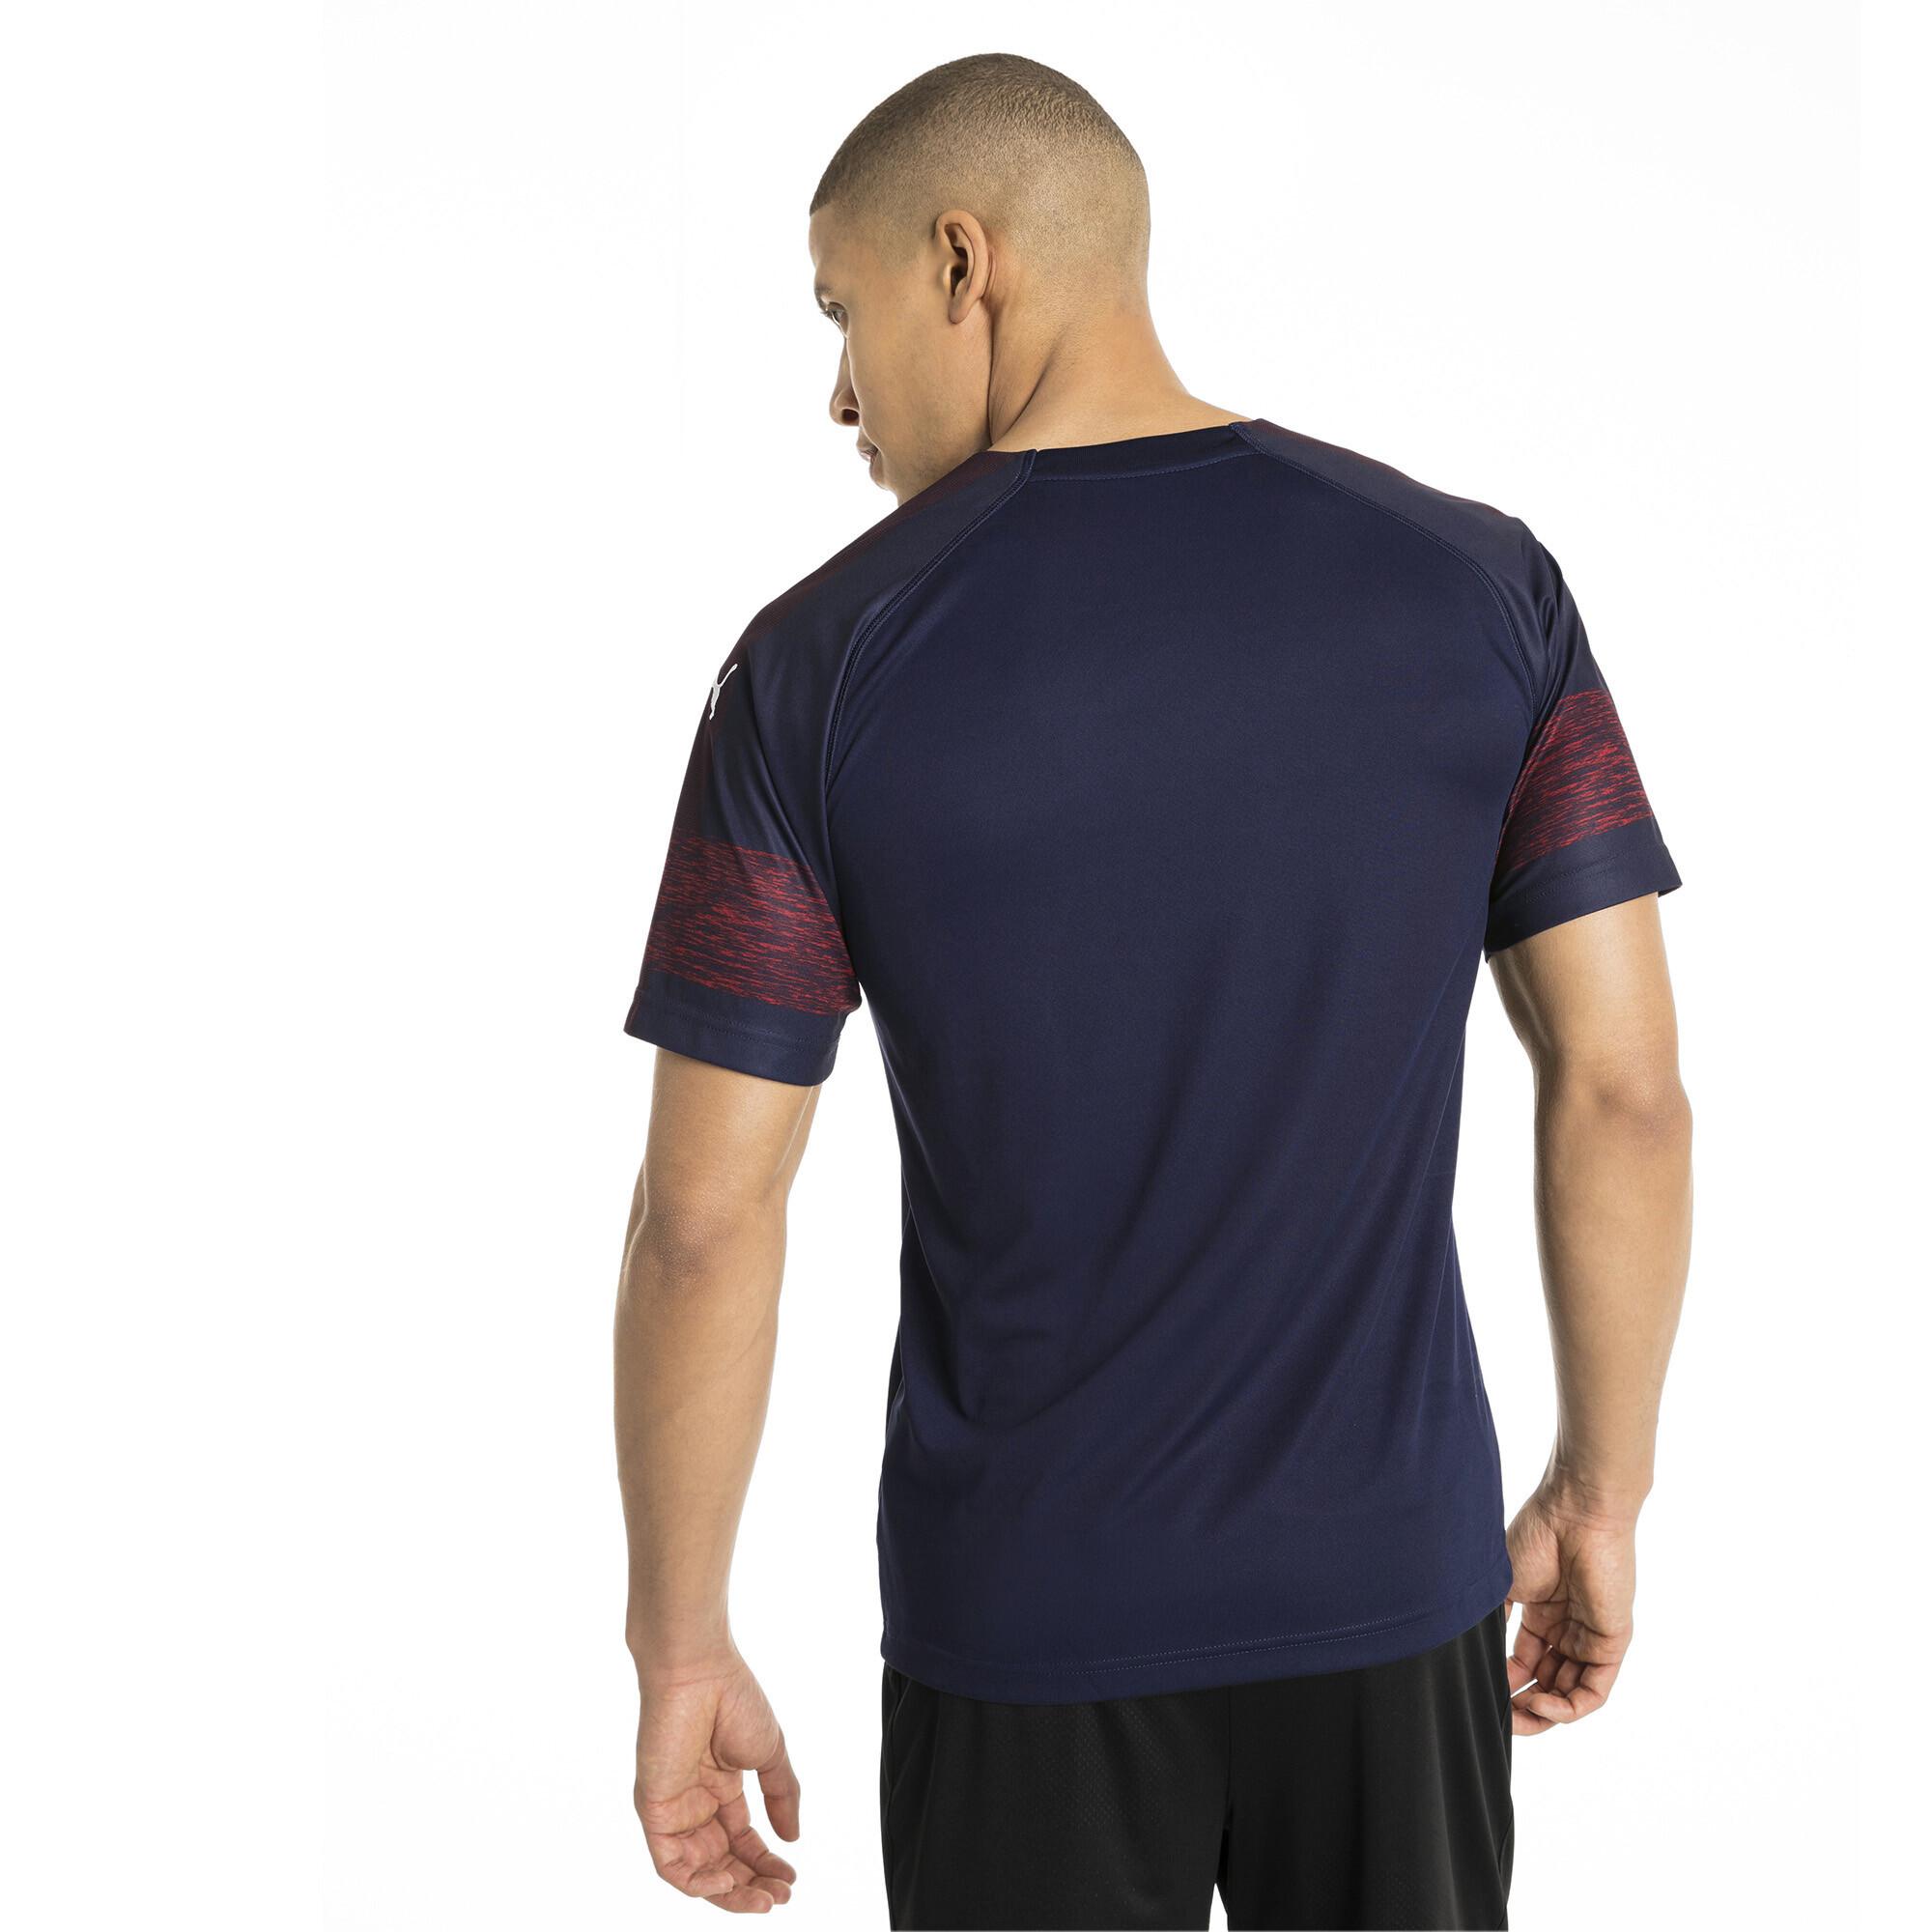 Camiseta de manga corta del uniforme alternativo del AFC para hombre